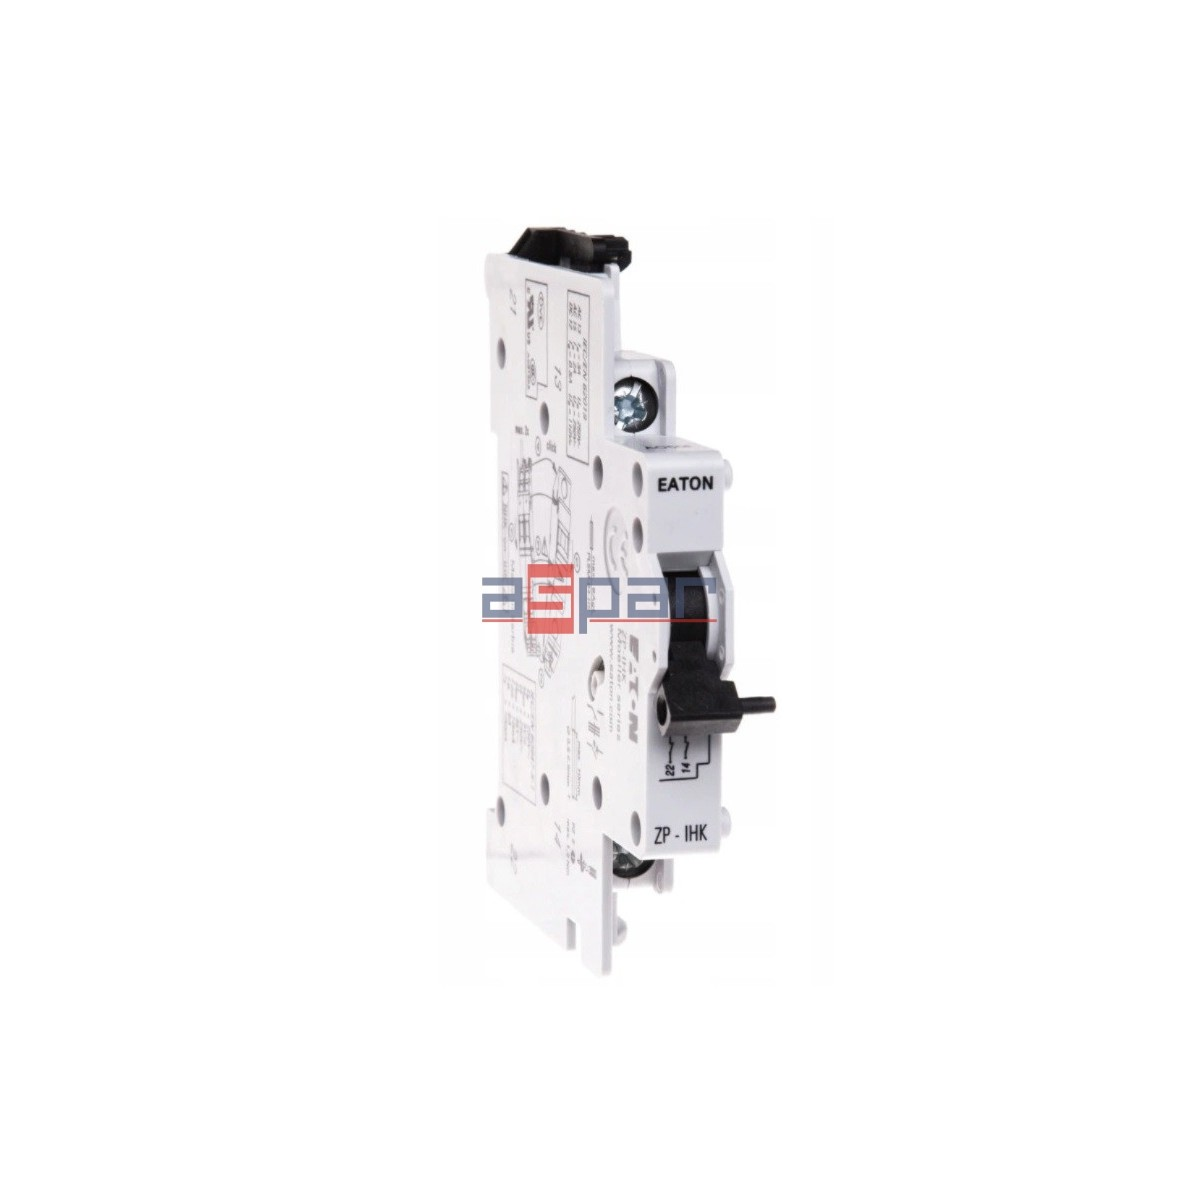 ZP-IHK - 286052